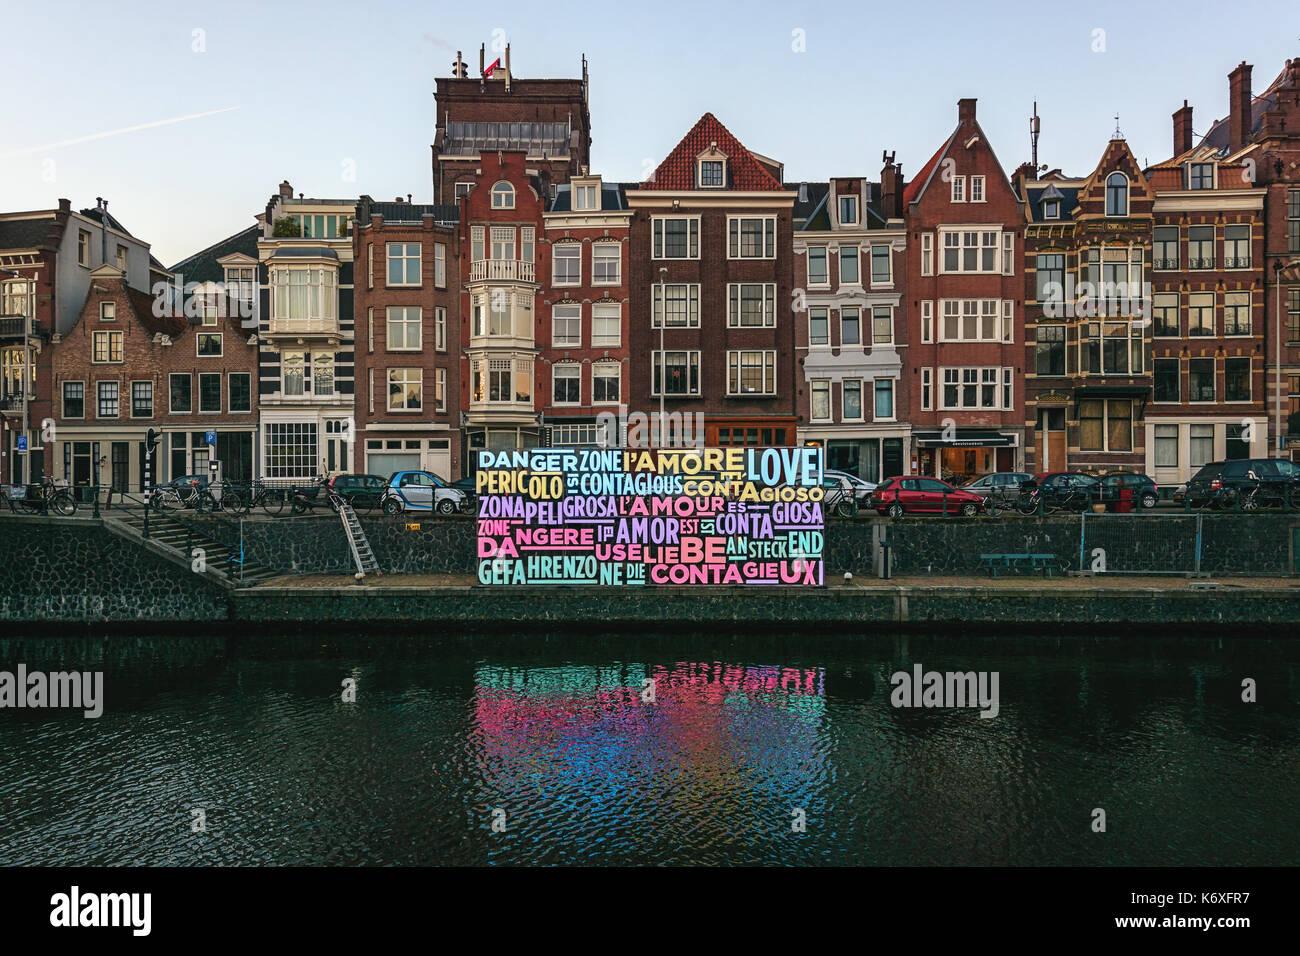 Licht Tour Amsterdam : Amsterdam niederlande januar licht festival amsterdam